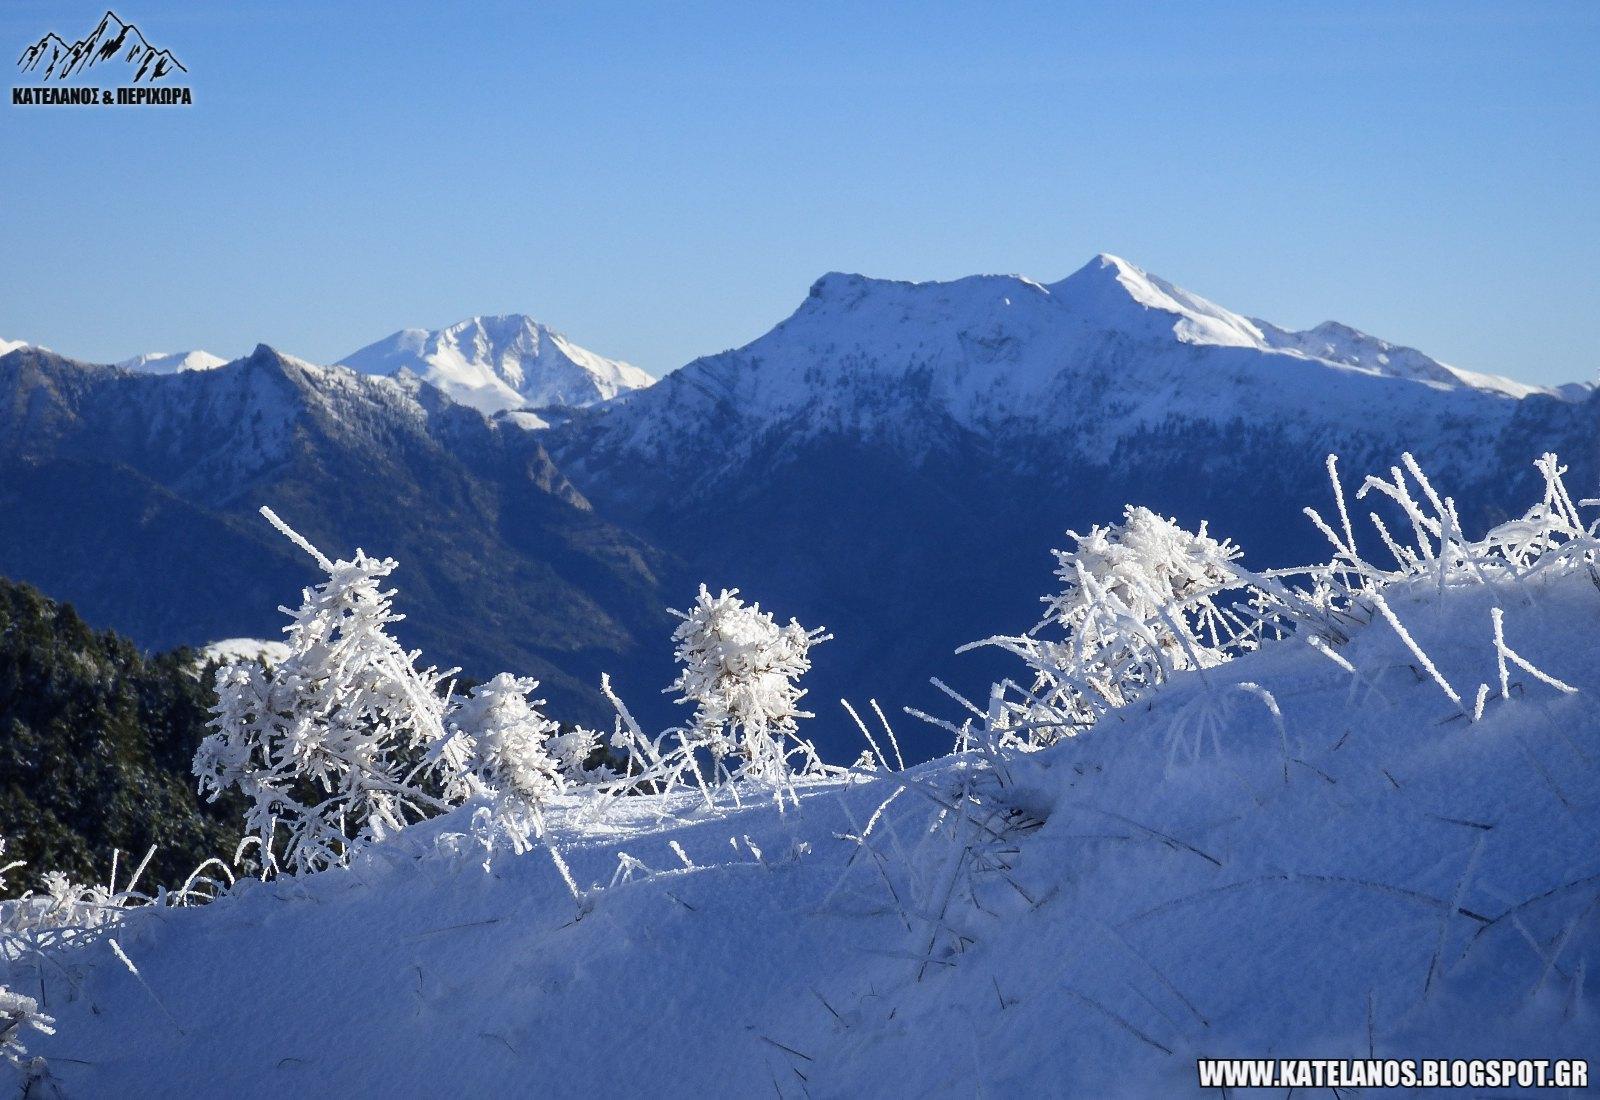 βελουχι χελιδονα πρωτα χιονια χειμωνας